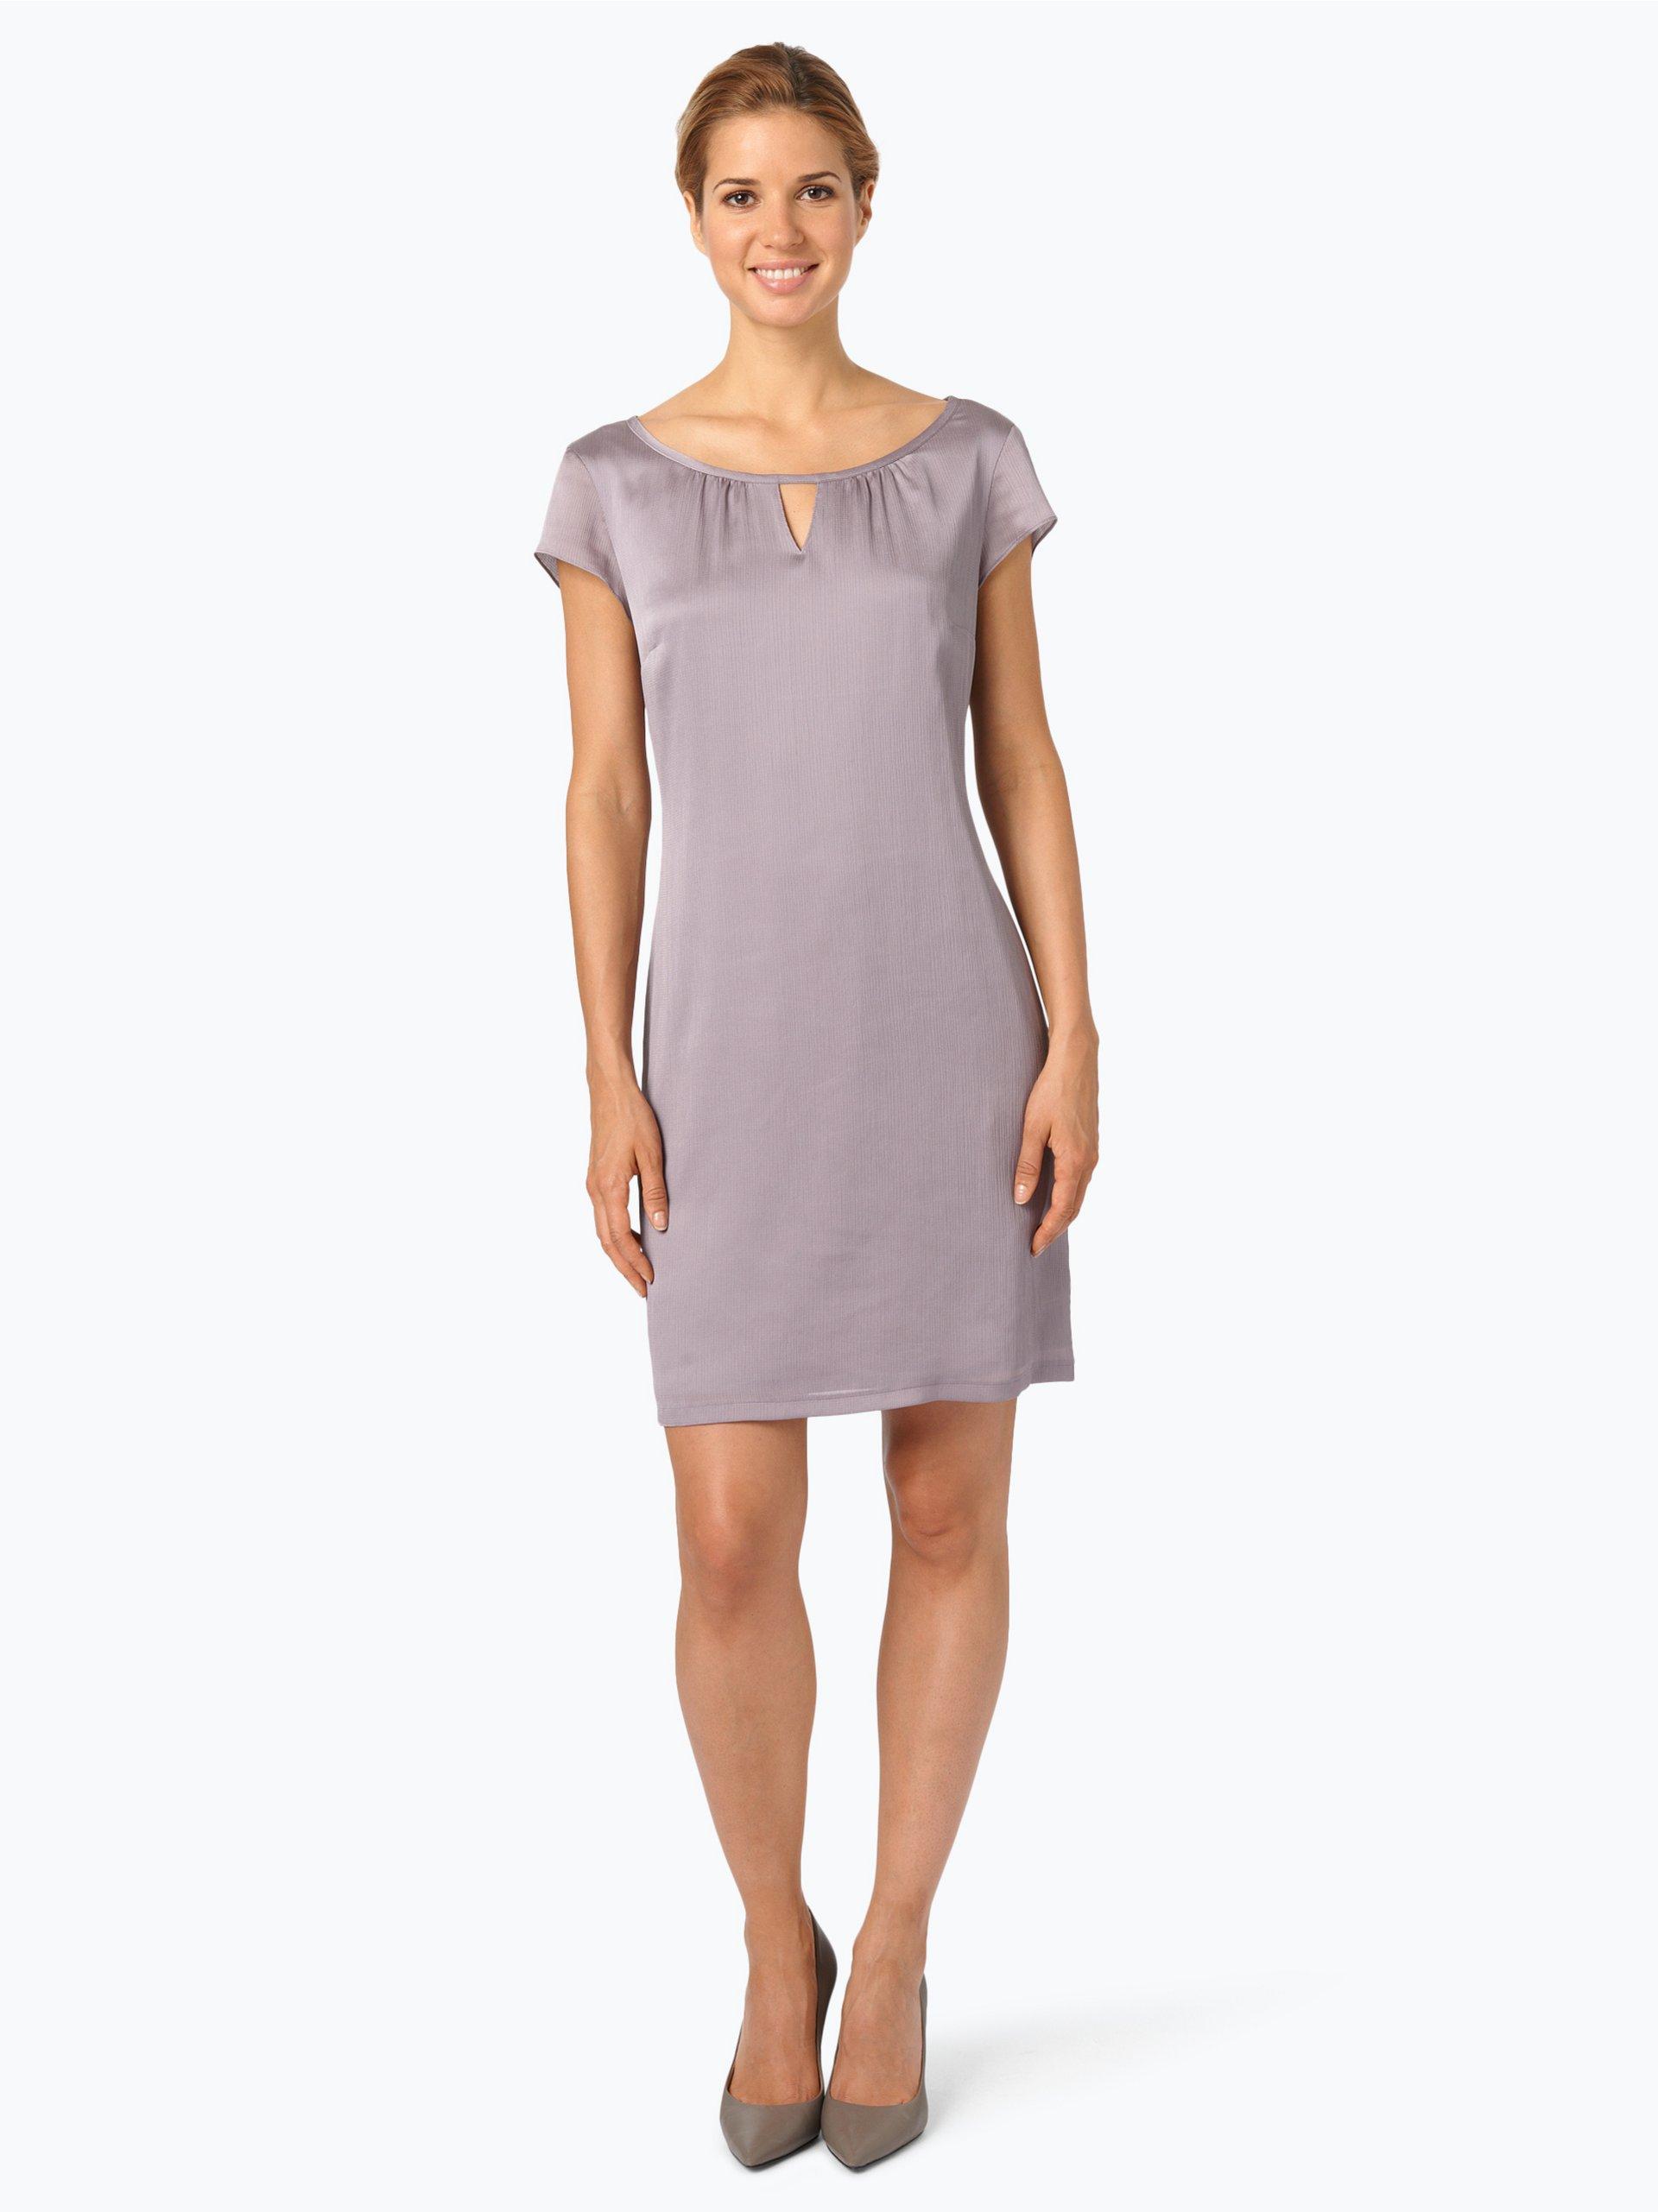 taifun festliches damenkleid frozen lilac 2 online kaufen peek und cloppenburg de. Black Bedroom Furniture Sets. Home Design Ideas